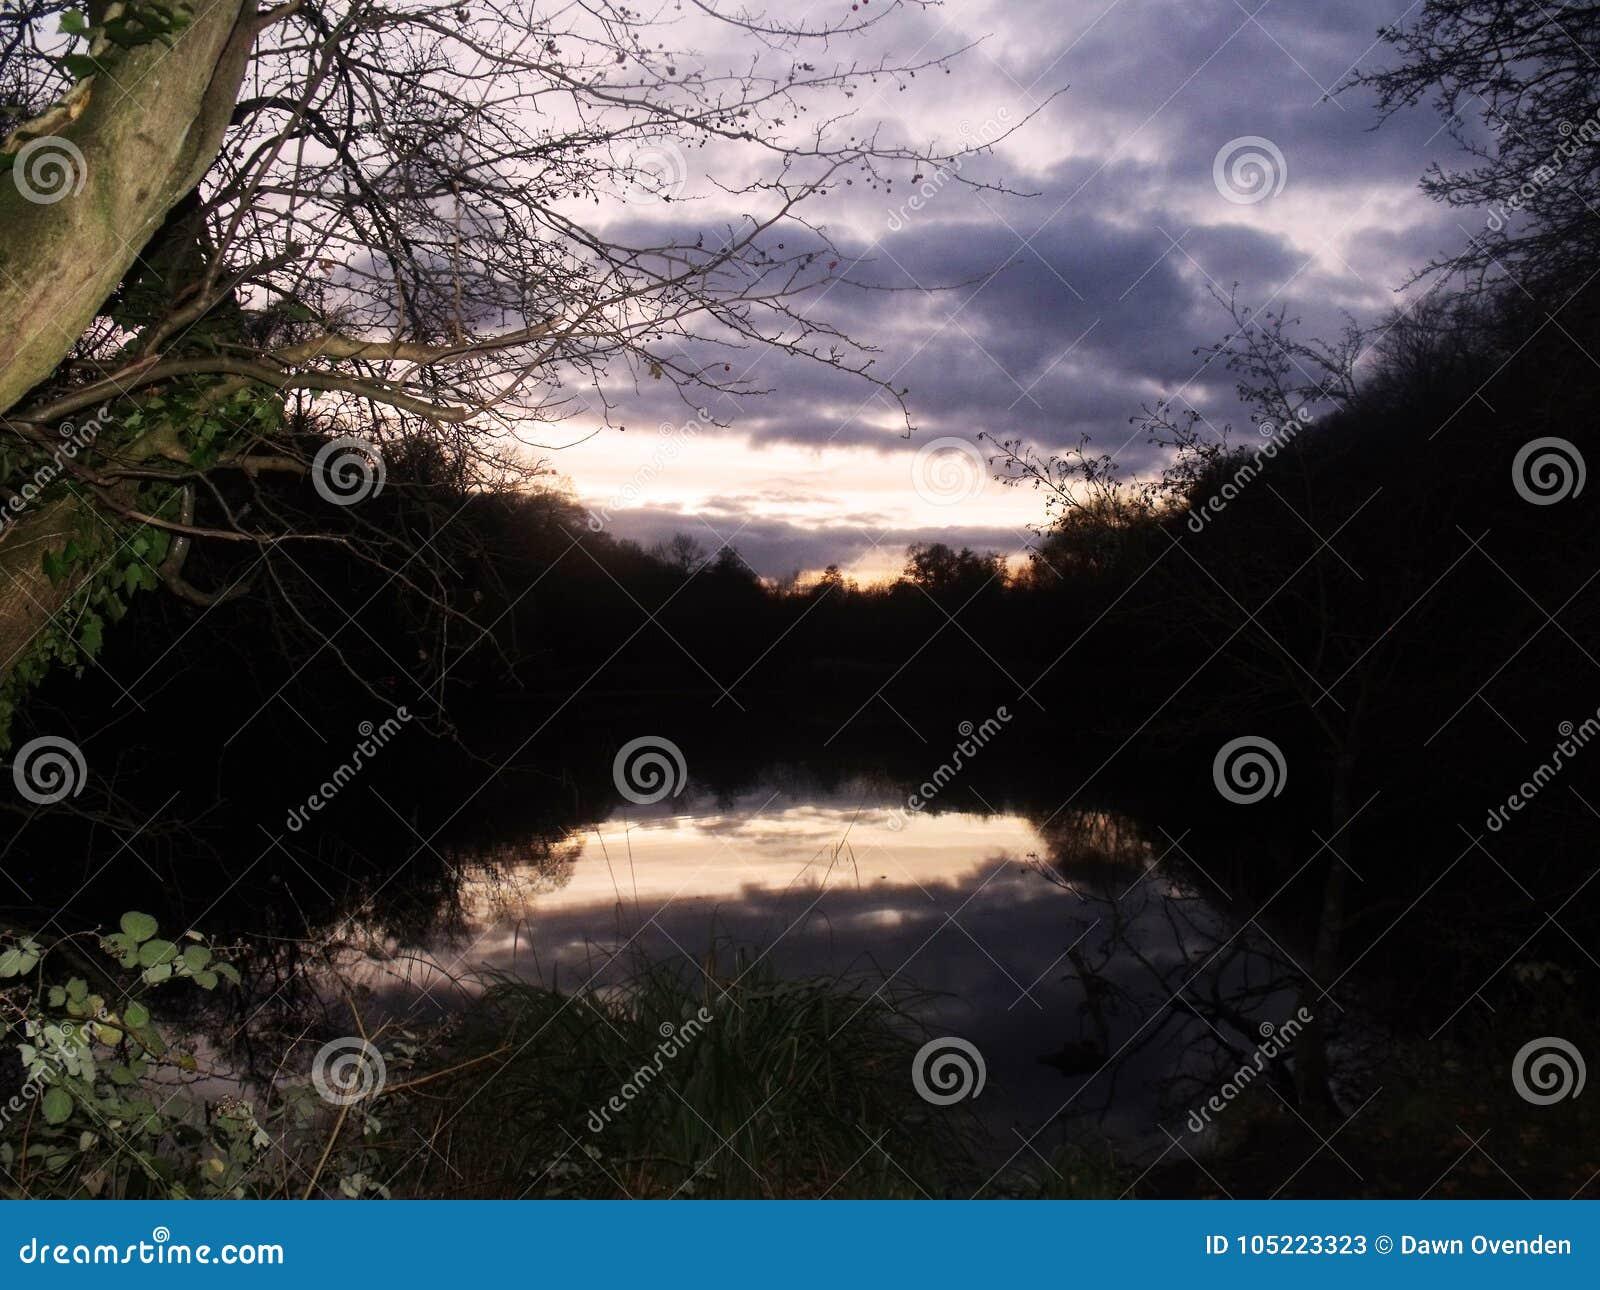 Avondhemel in meer wordt weerspiegeld dat